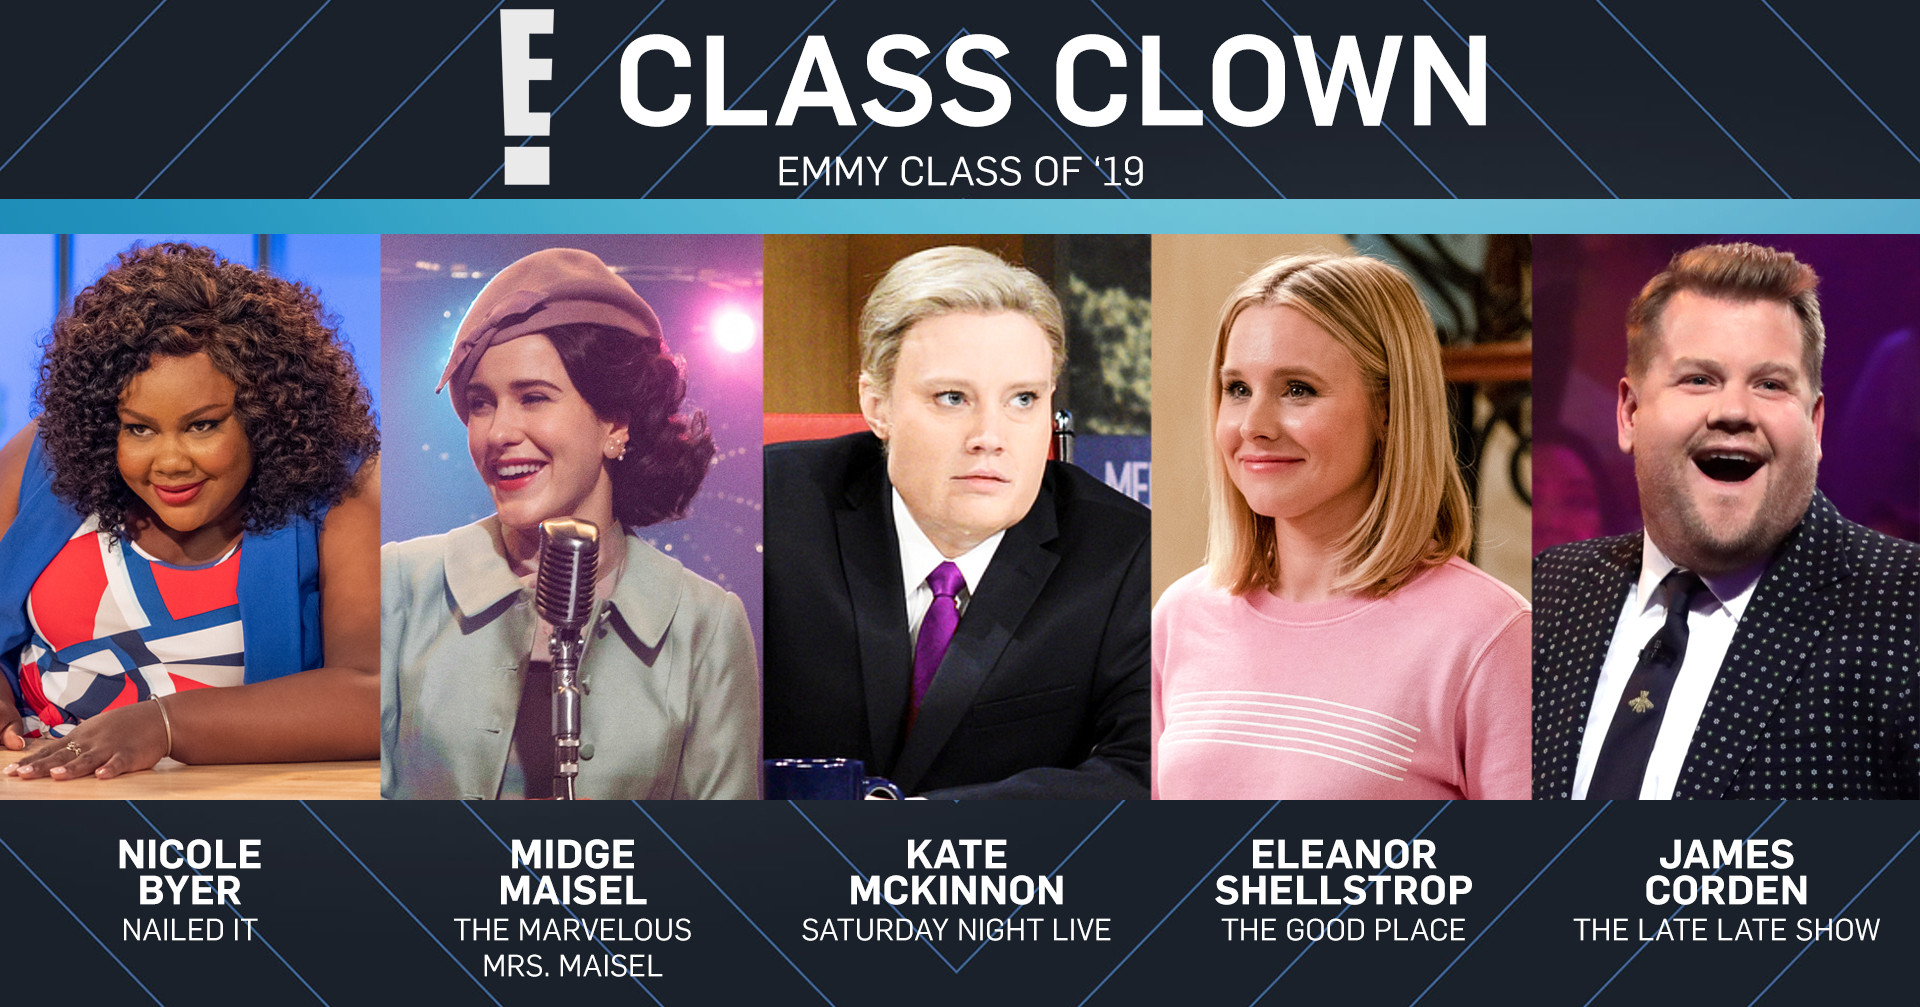 Emmy Class of 2019, Class Clown